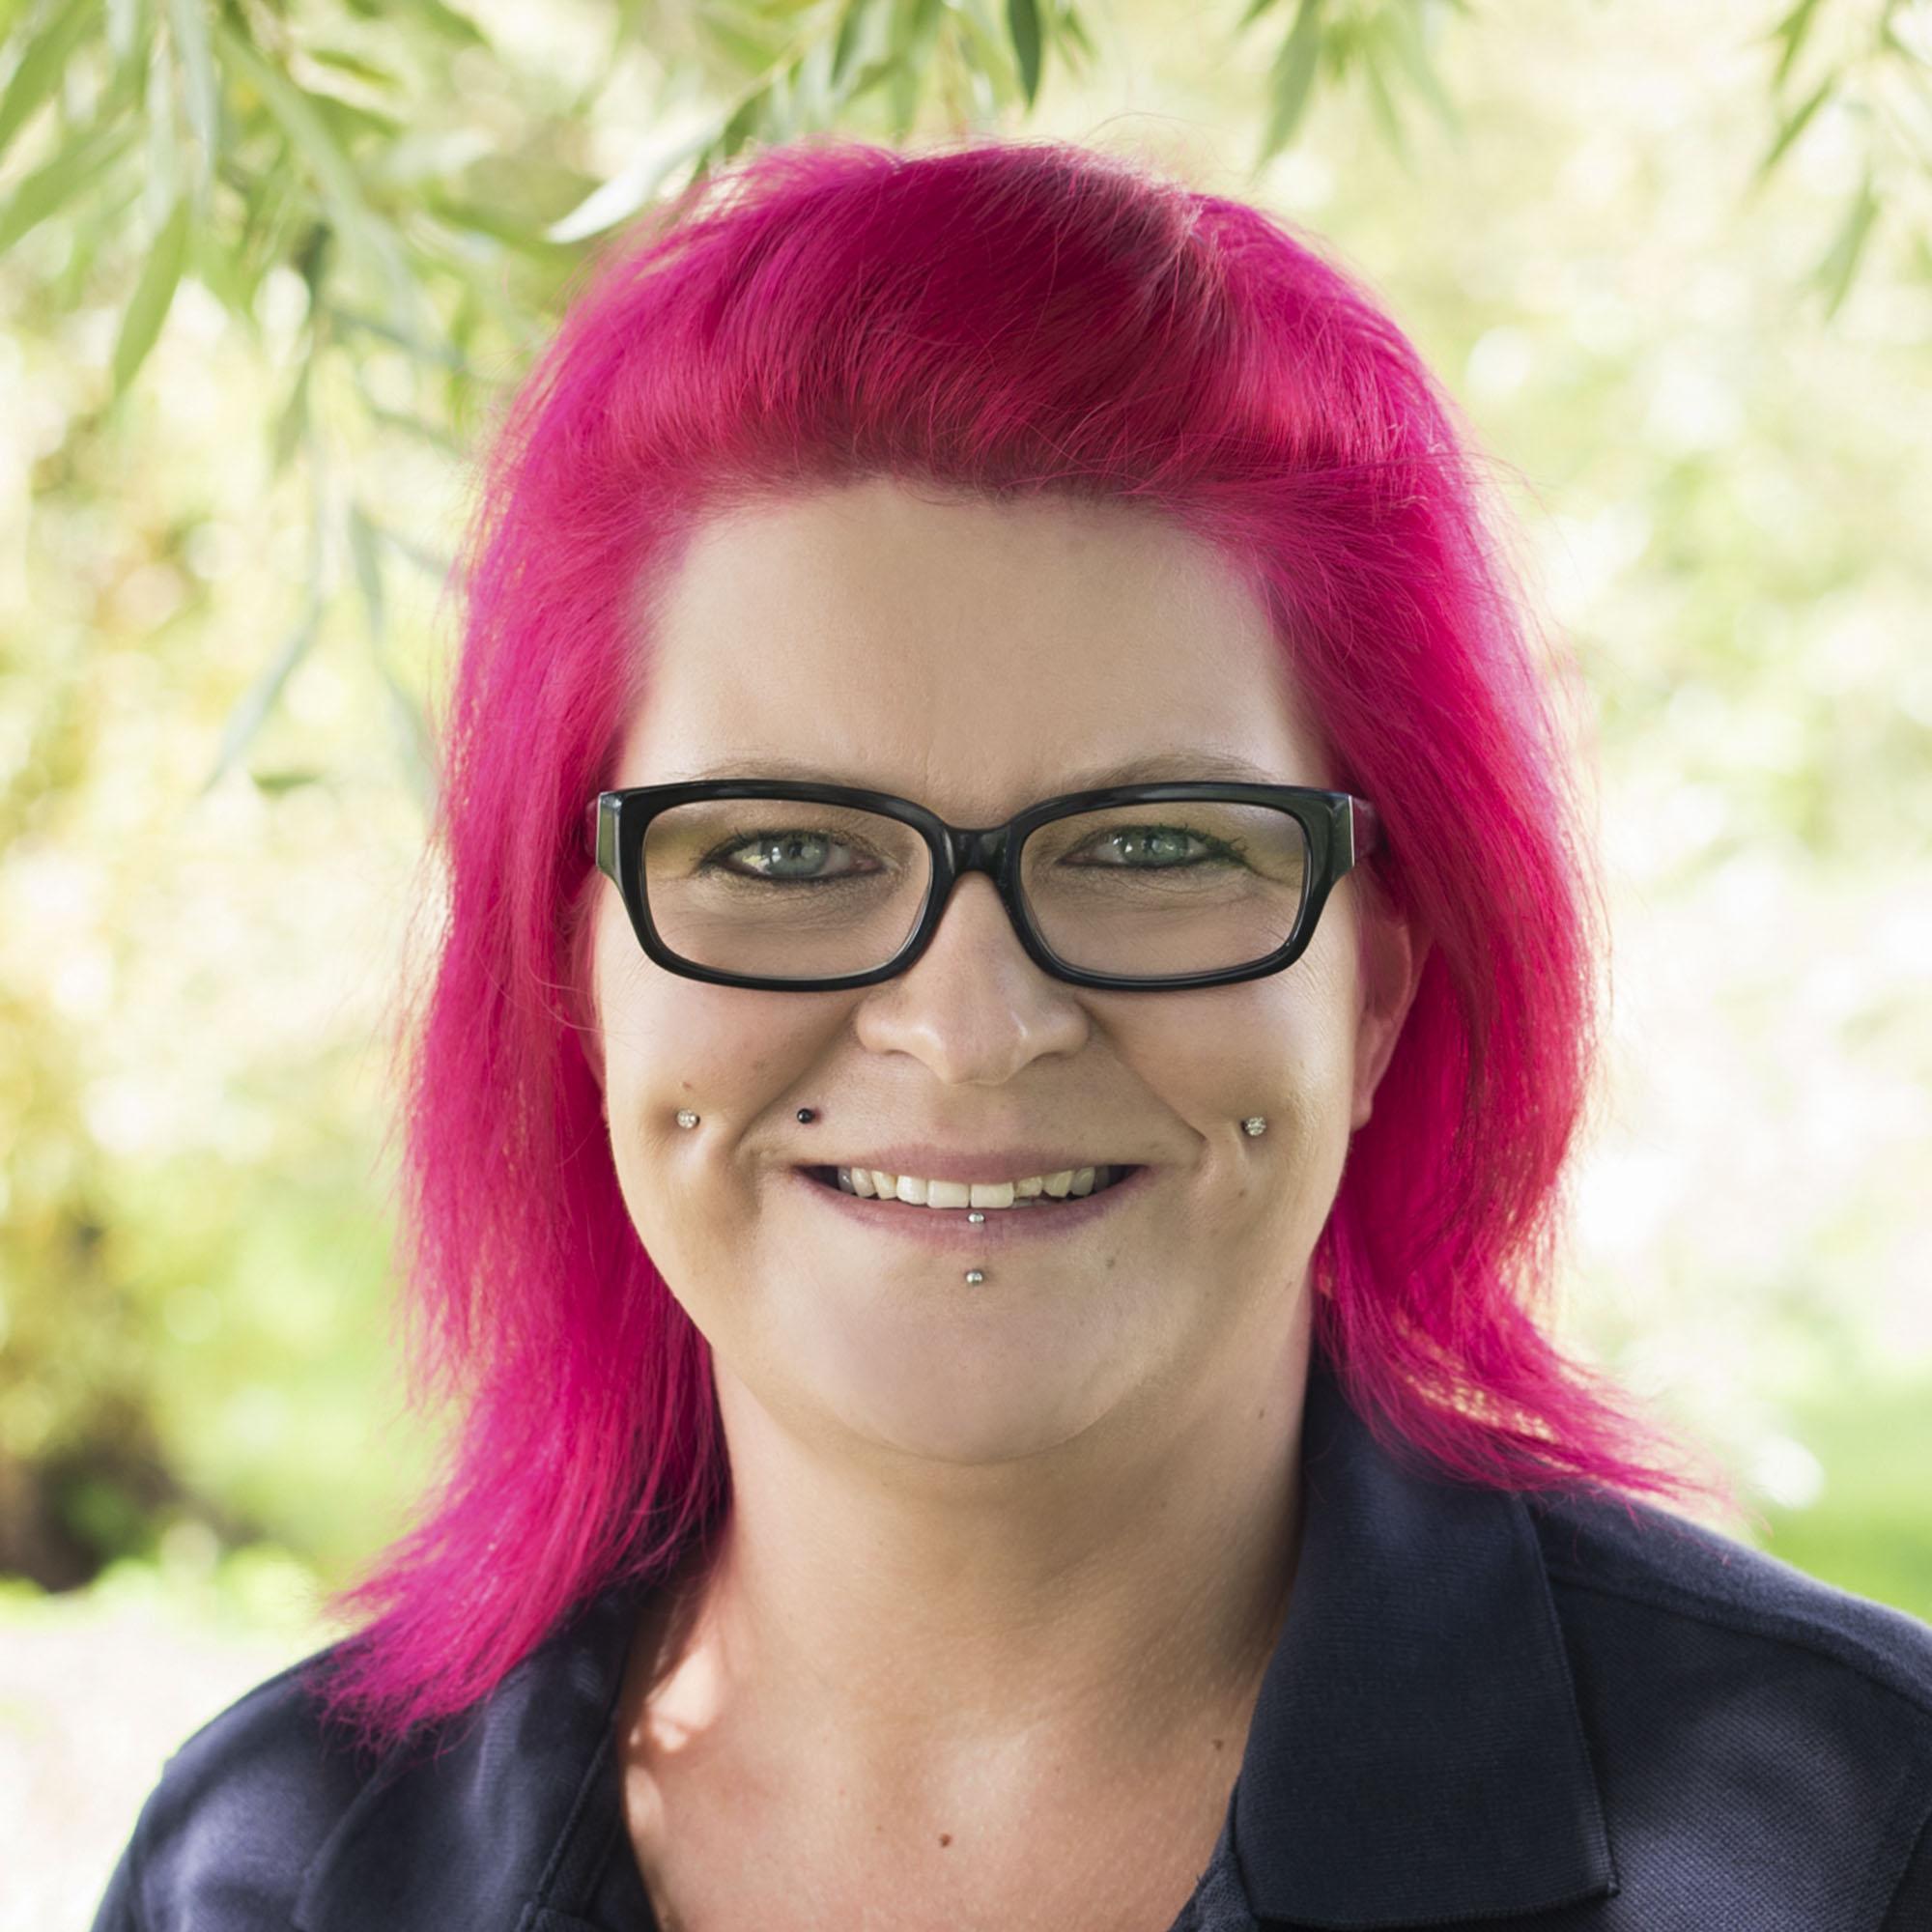 Jacqueline Weindl